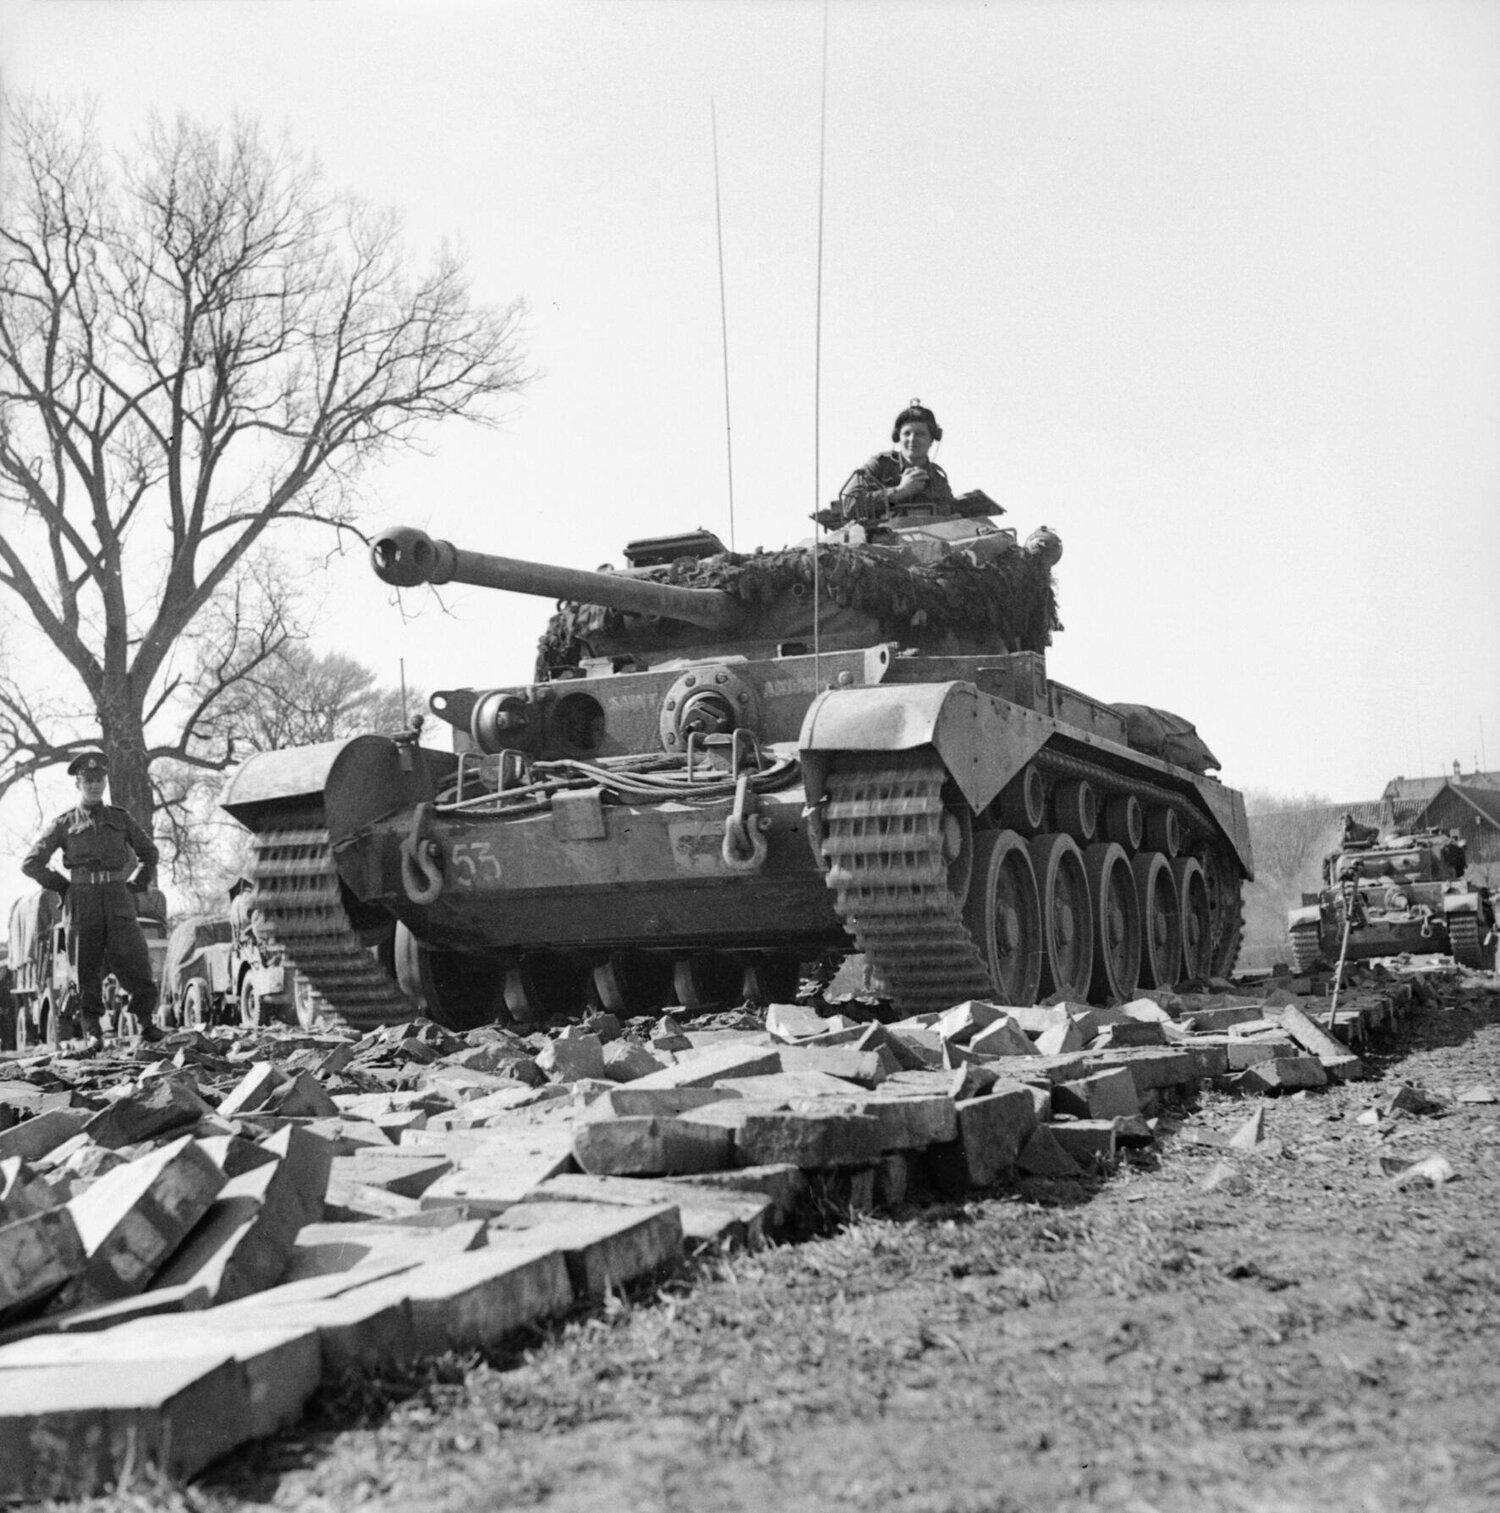 The British Comet Tank: Como isso impactou a Segunda Guerra Mundial?  - História é agora revista, podcasts, blog e livros 6